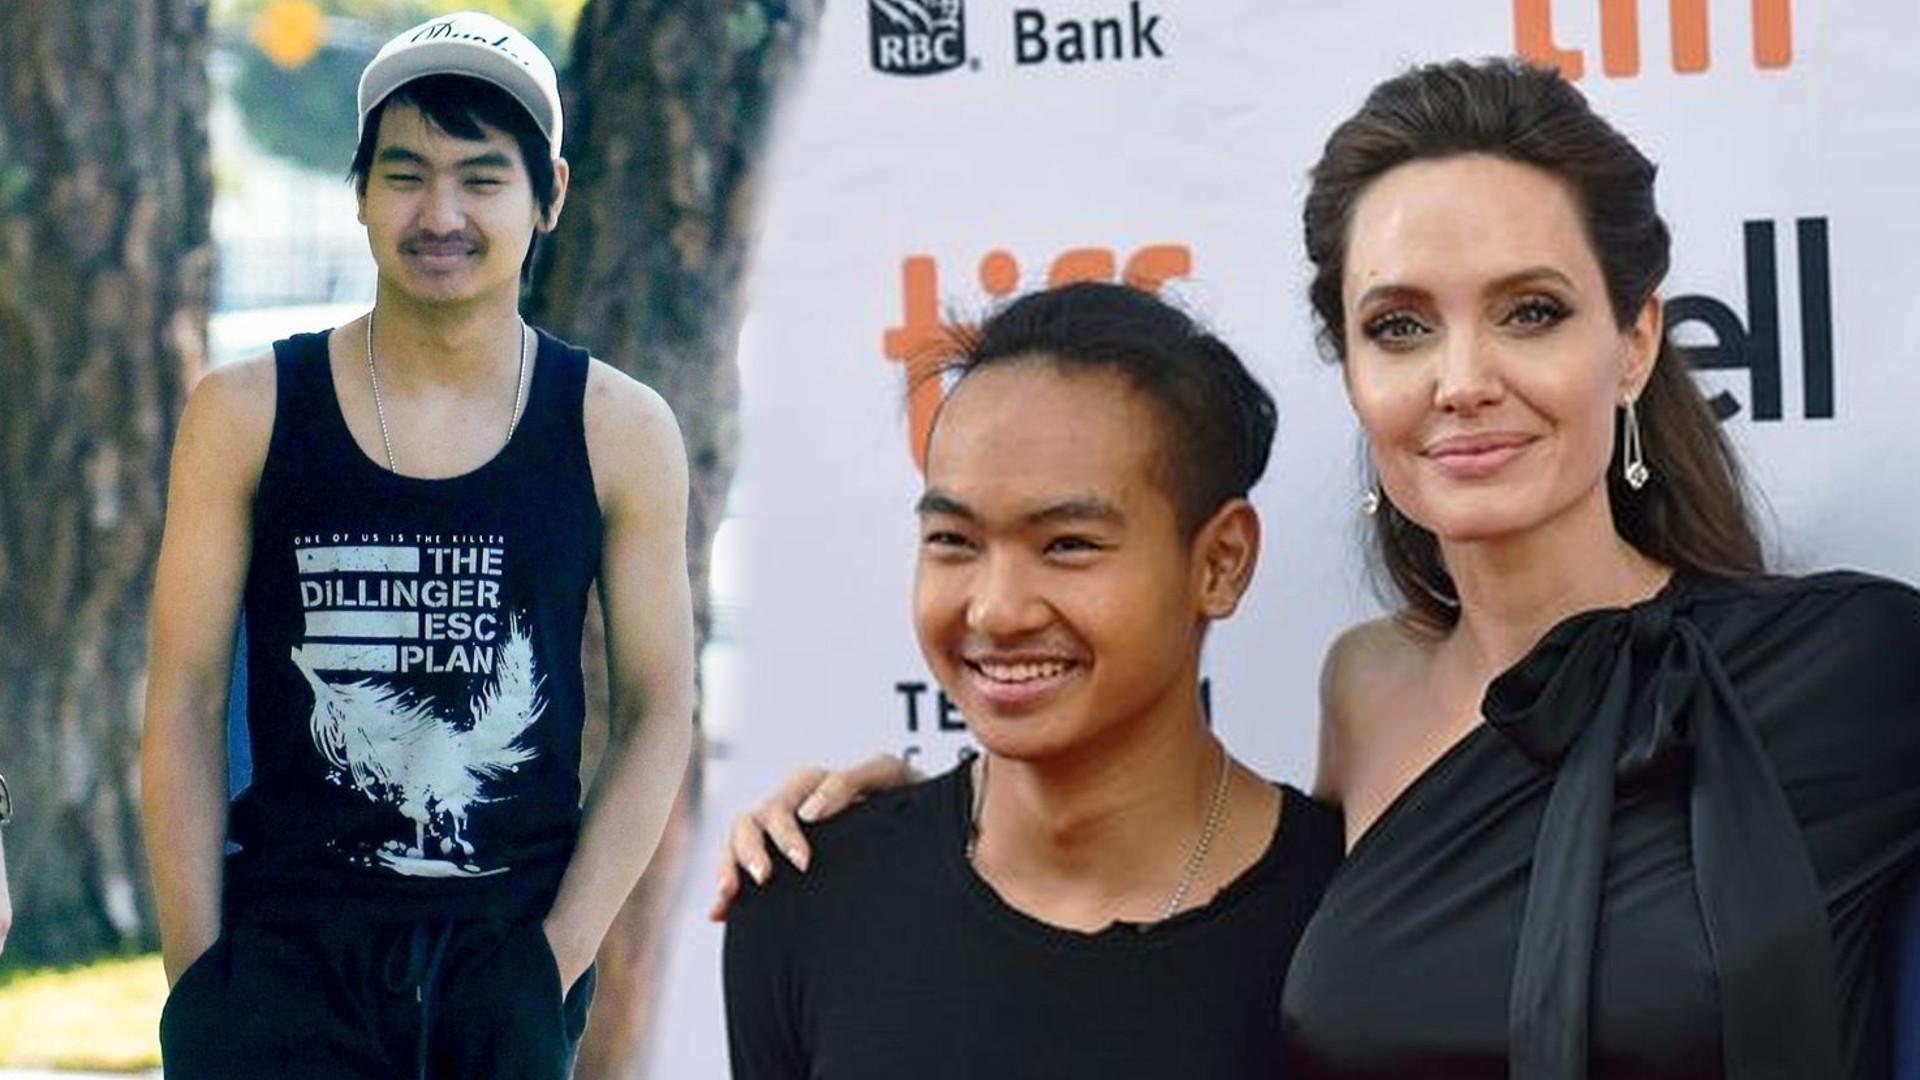 SZOK! Angelina Jolie stara się nie rozpłakać. Zobaczcie co zrobił jej 18-letni syn Maddox!